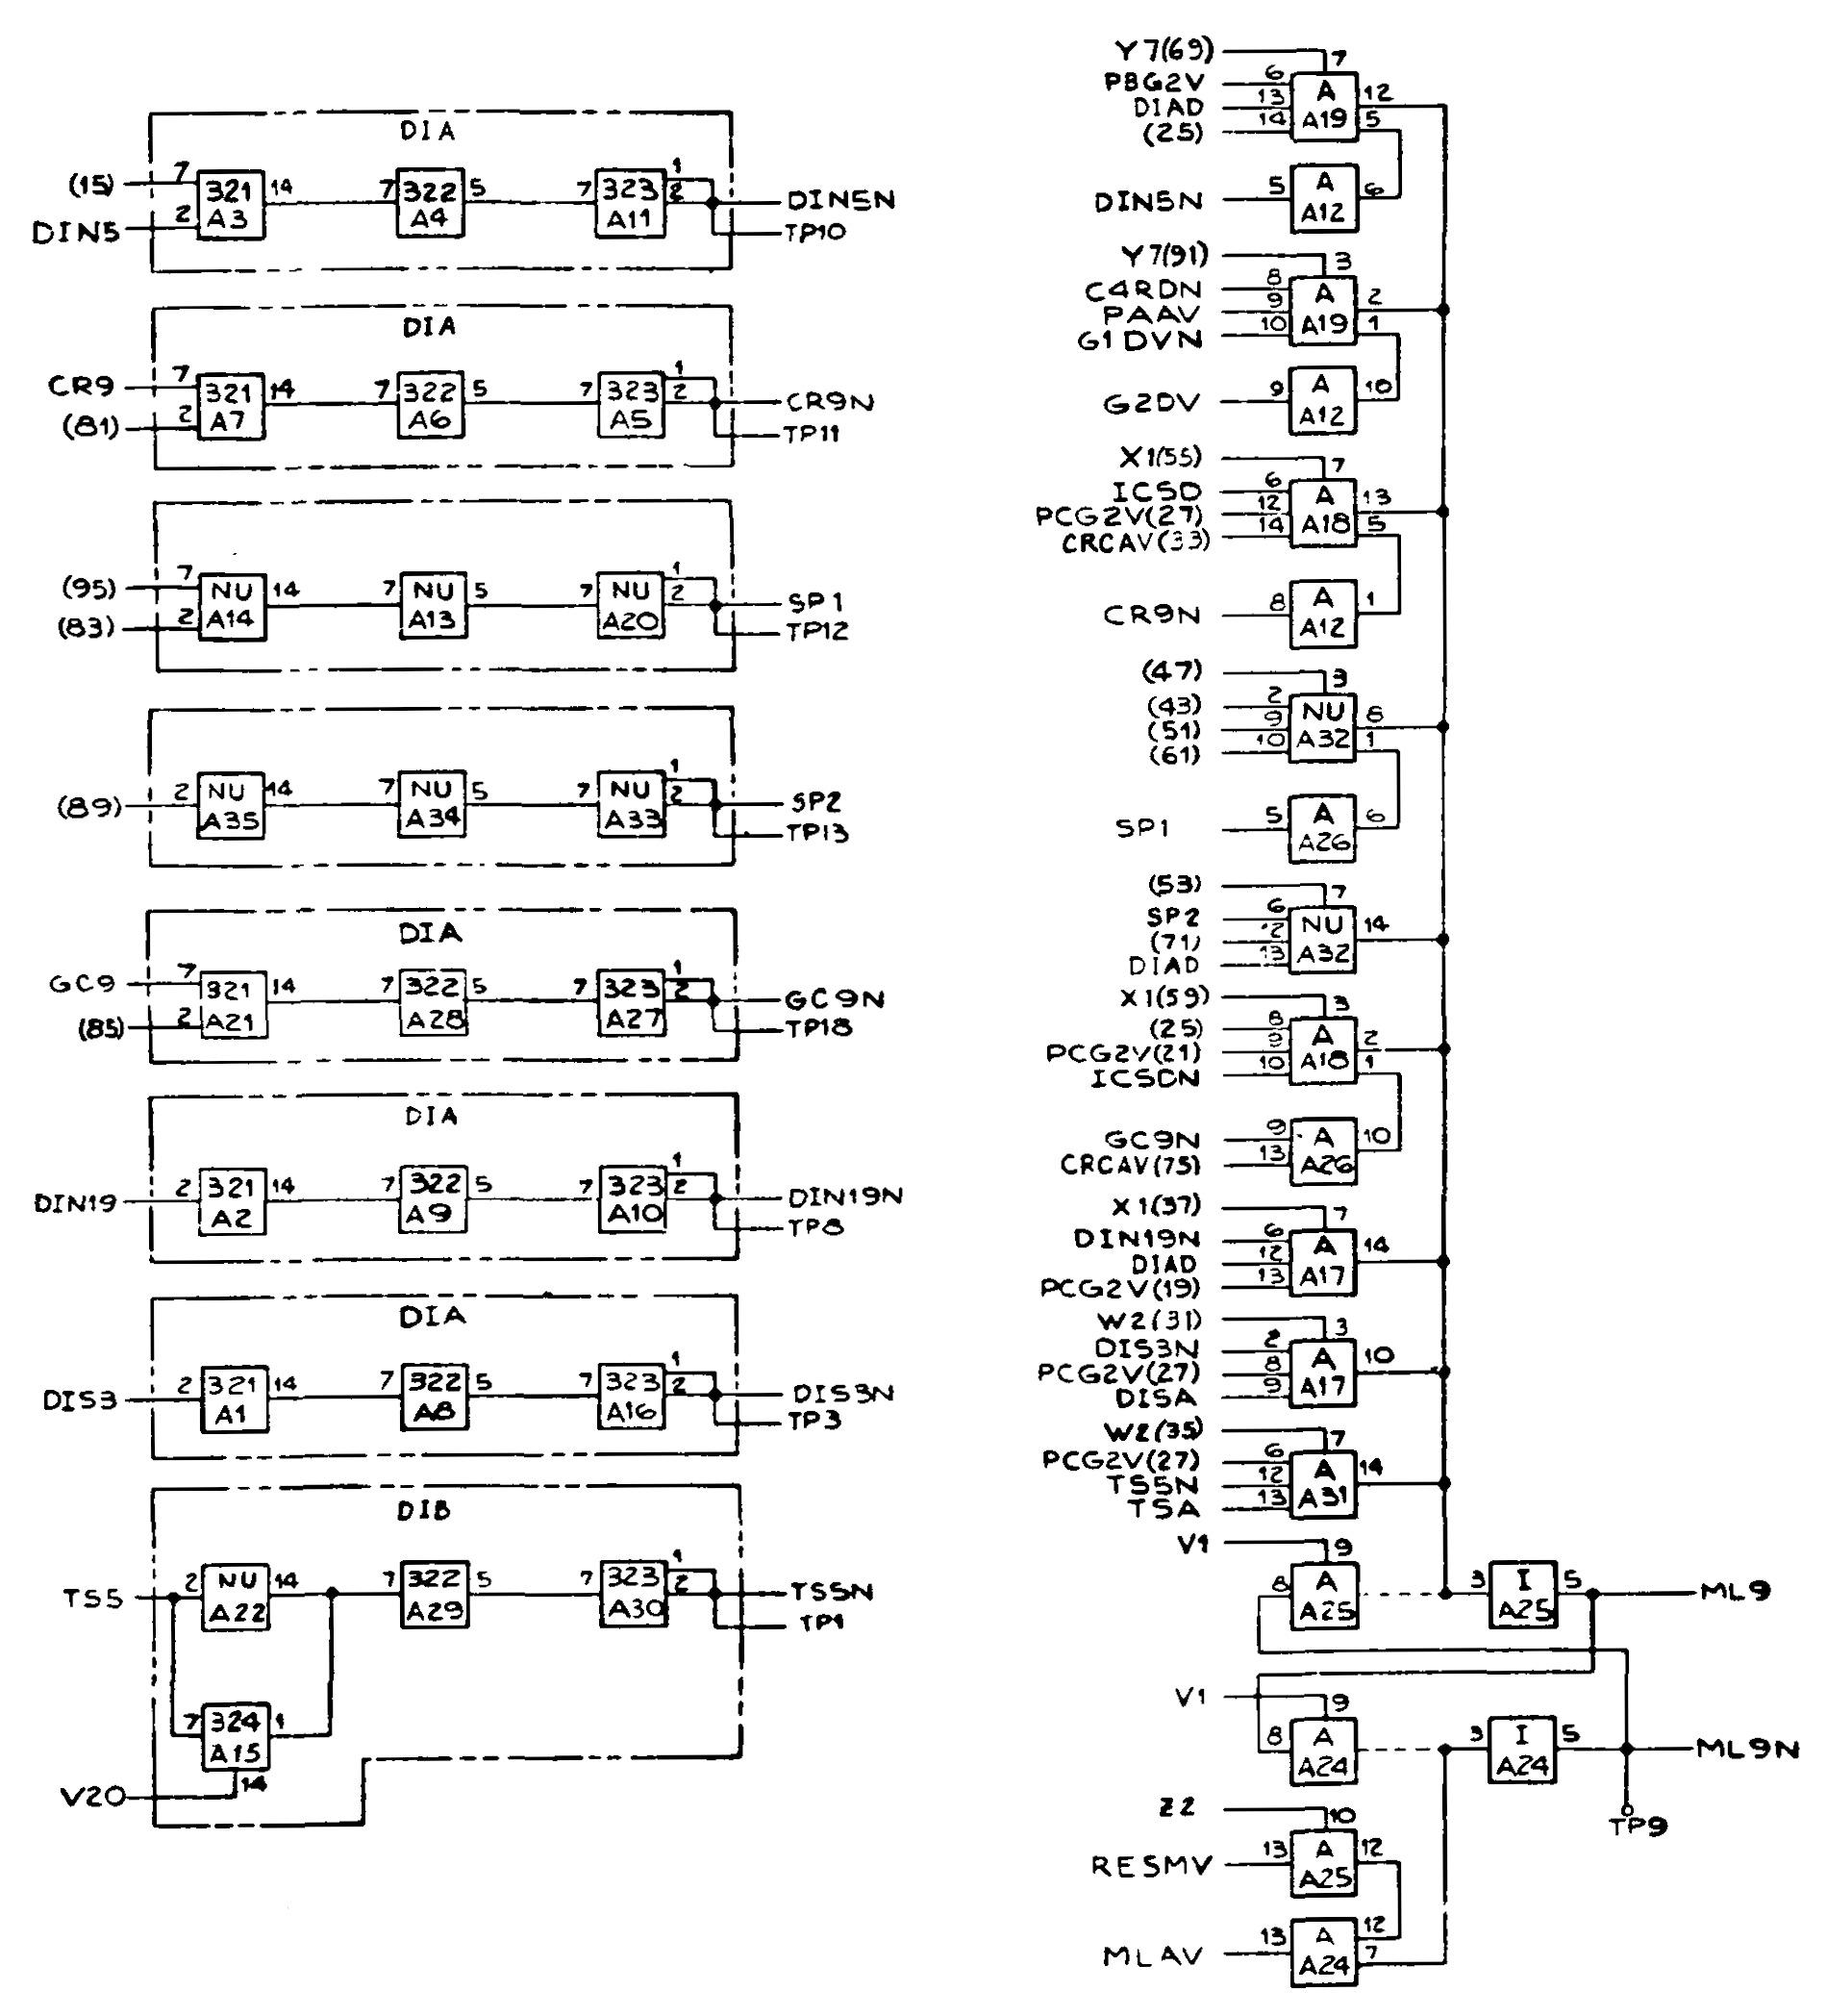 Печатная плата с ракеты Сатурн-5 – обратная разработка с пояснениями - 16